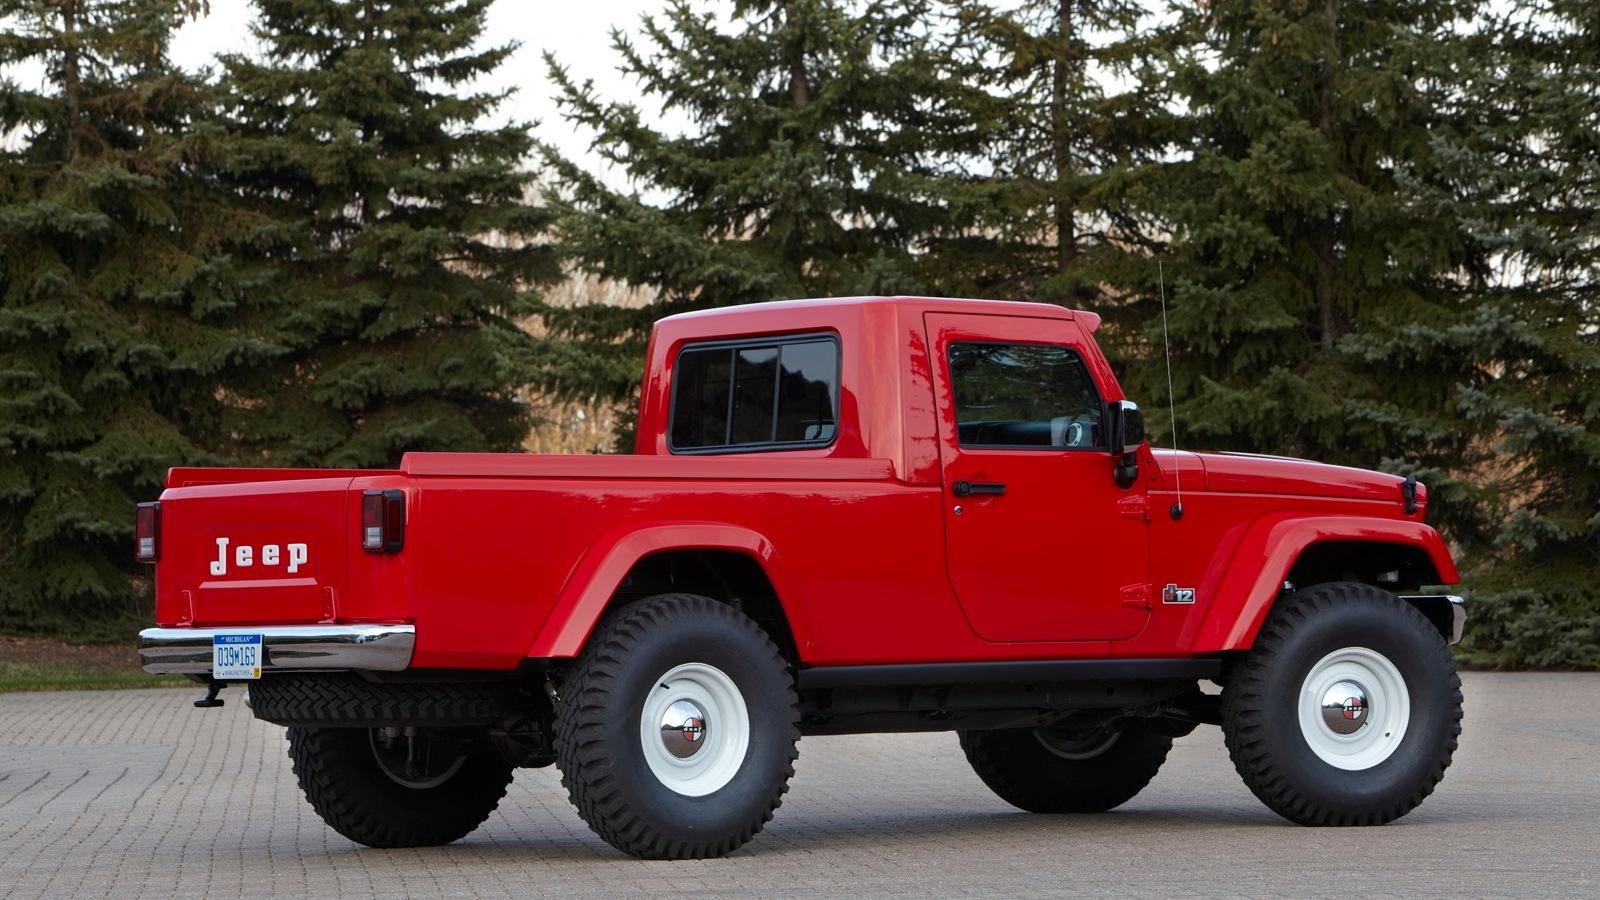 Jeep's J-12 concept